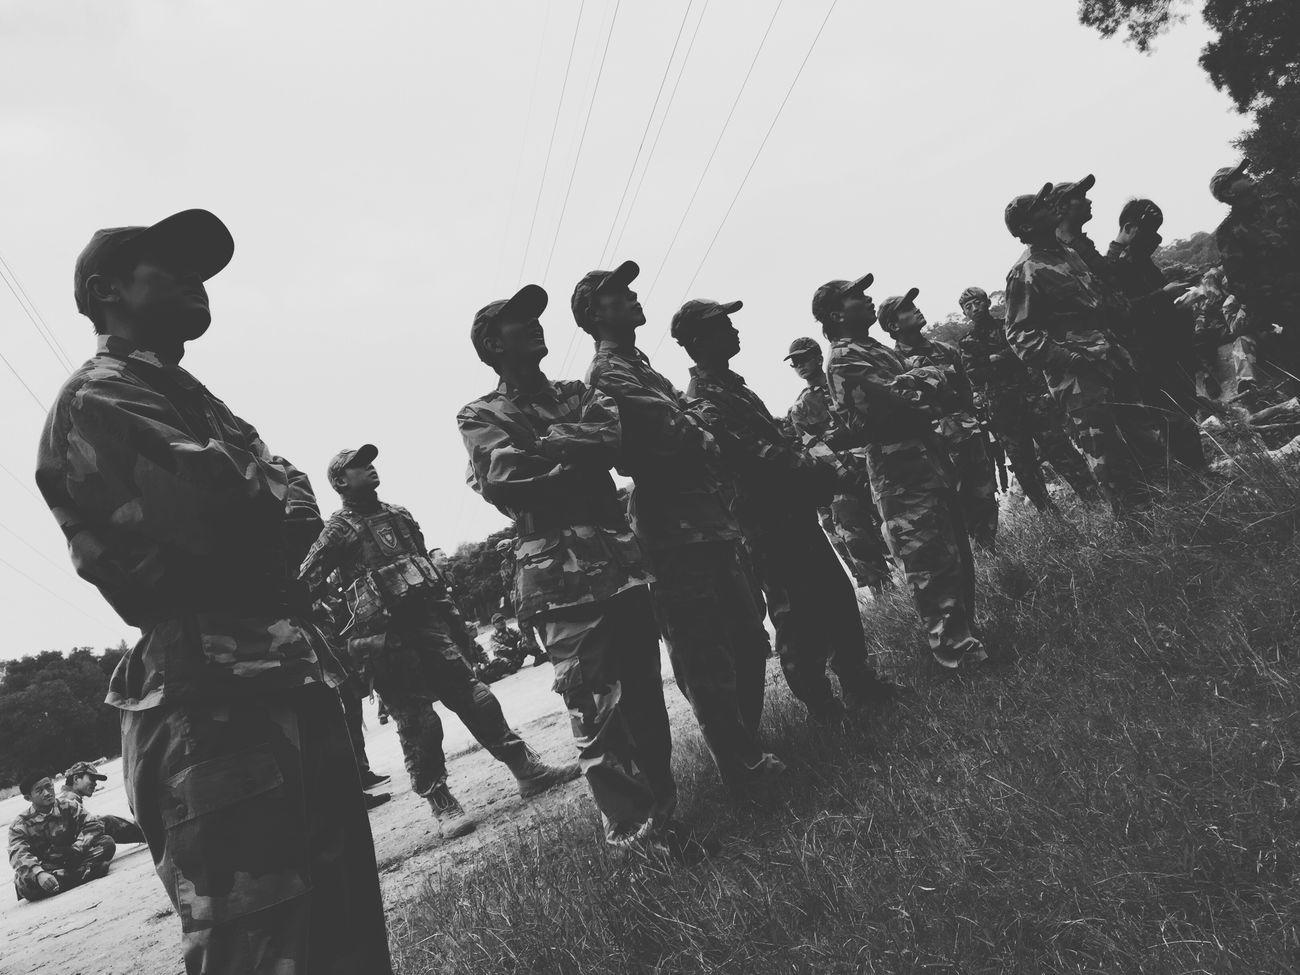 不日常的日常 Day Enjoyment Large Group Of People Outdoors Men Men At Work  Place Army Style Afternoon Looking For Trouble Black & White